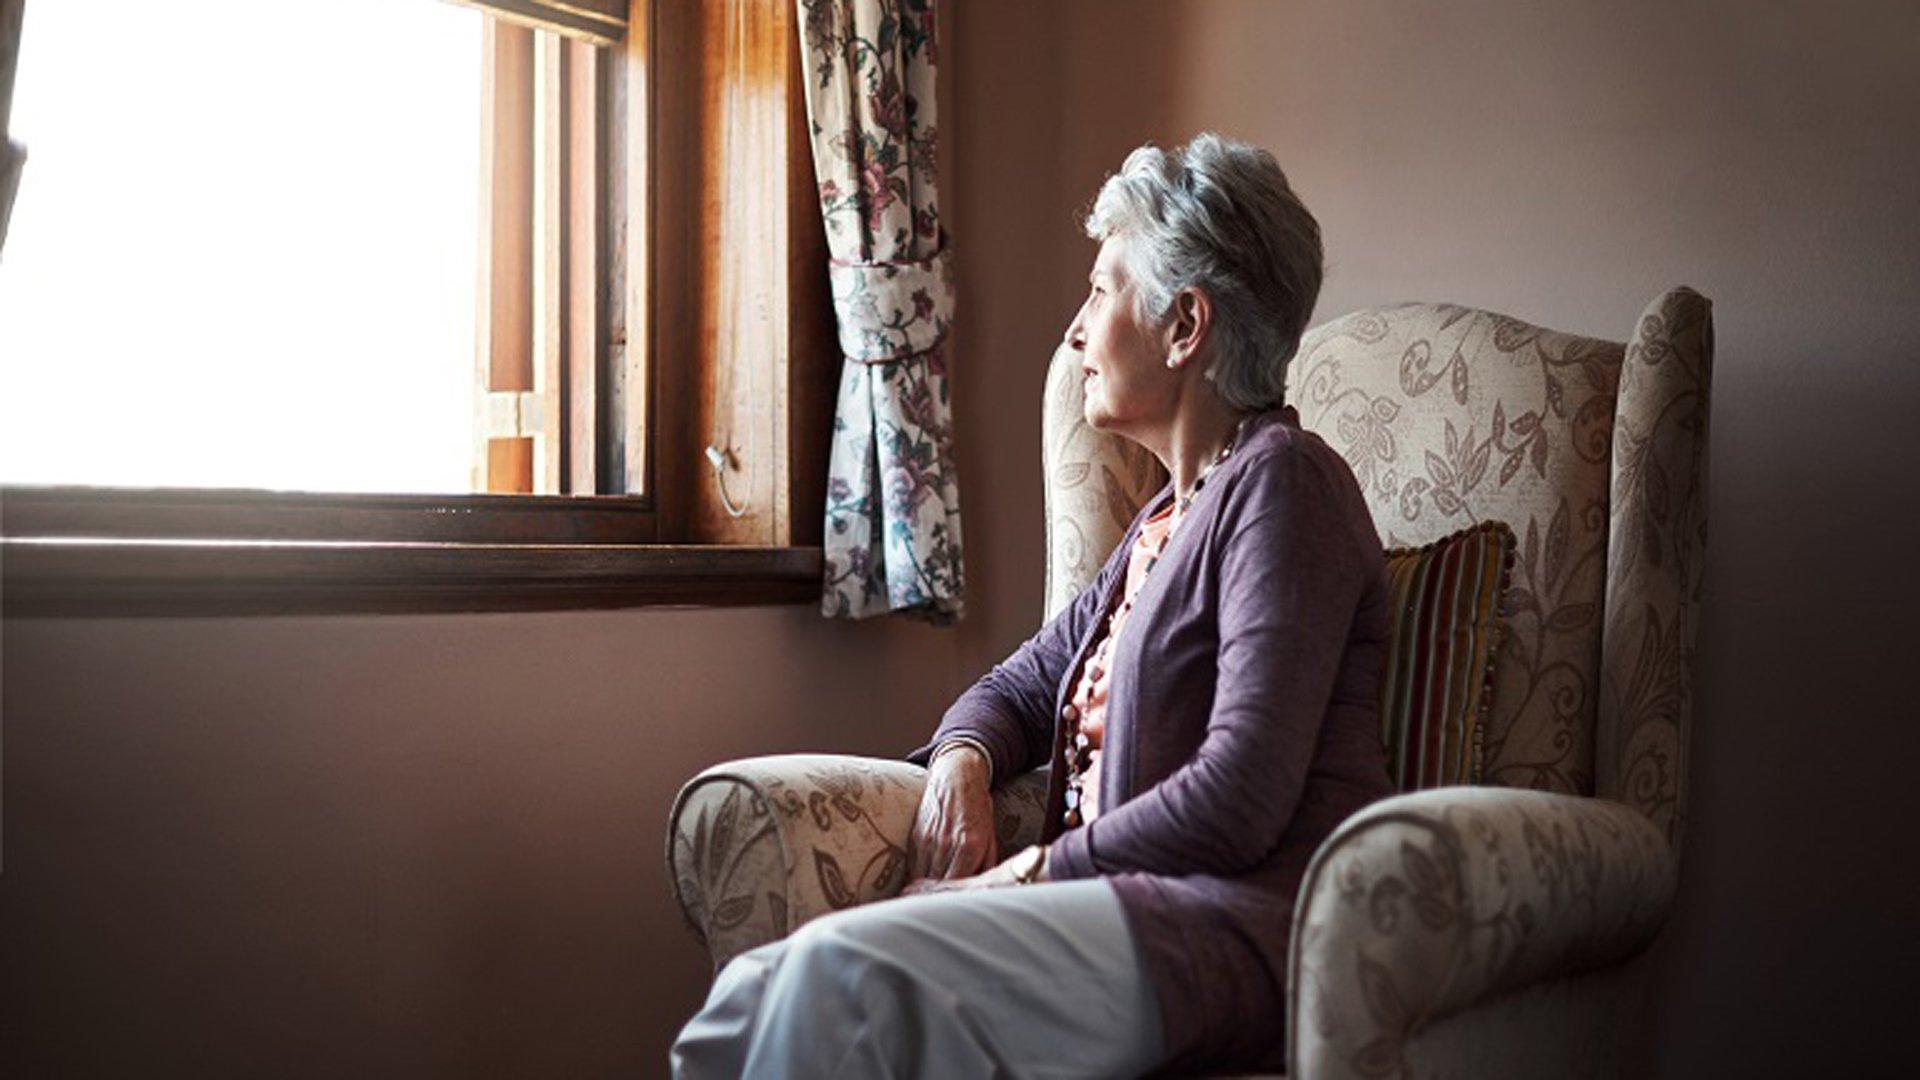 Día del Abuelo: los adultos mayores pasan solos más de la mitad de sus horas despiertos - Infobae